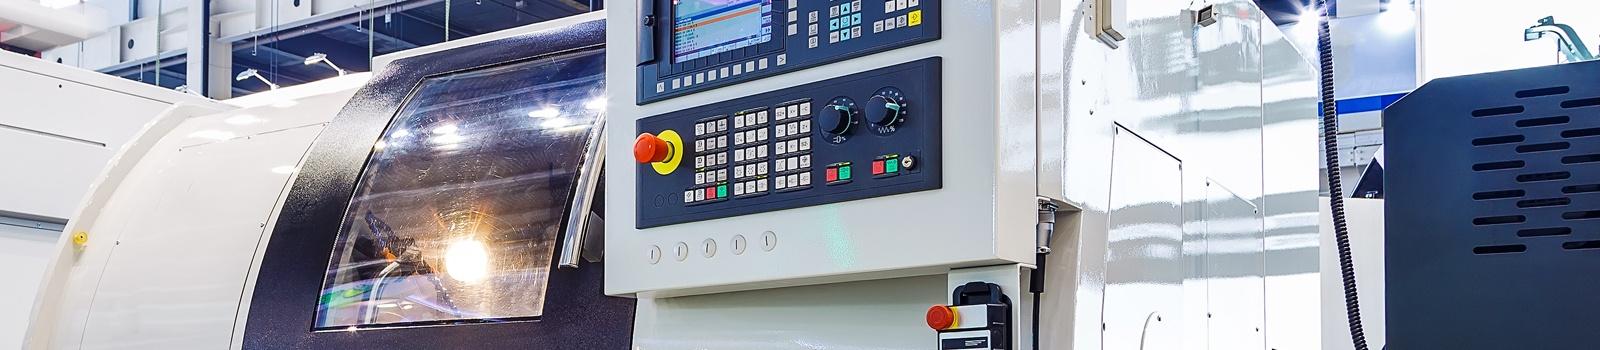 Manufacturing CNC Machine